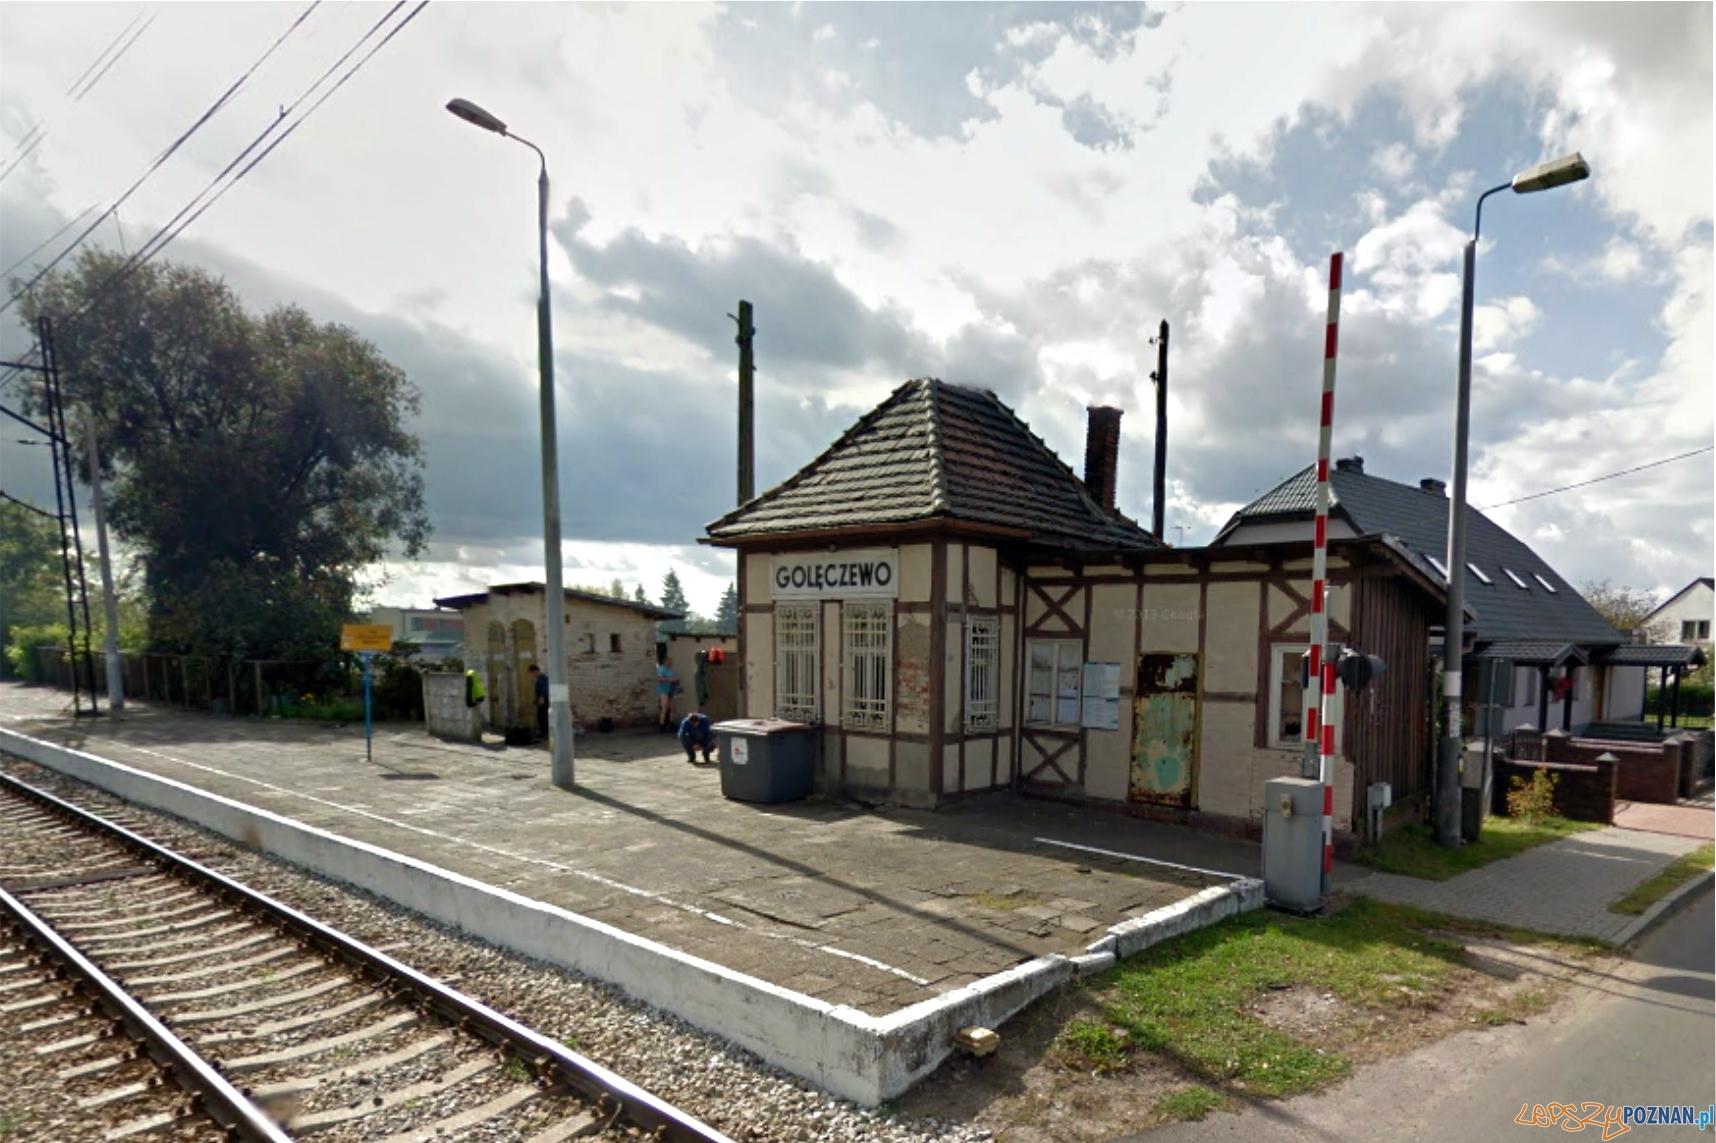 Zabytkowy budynek stacji kolejowej w Golęczewie  Foto: Google Streets